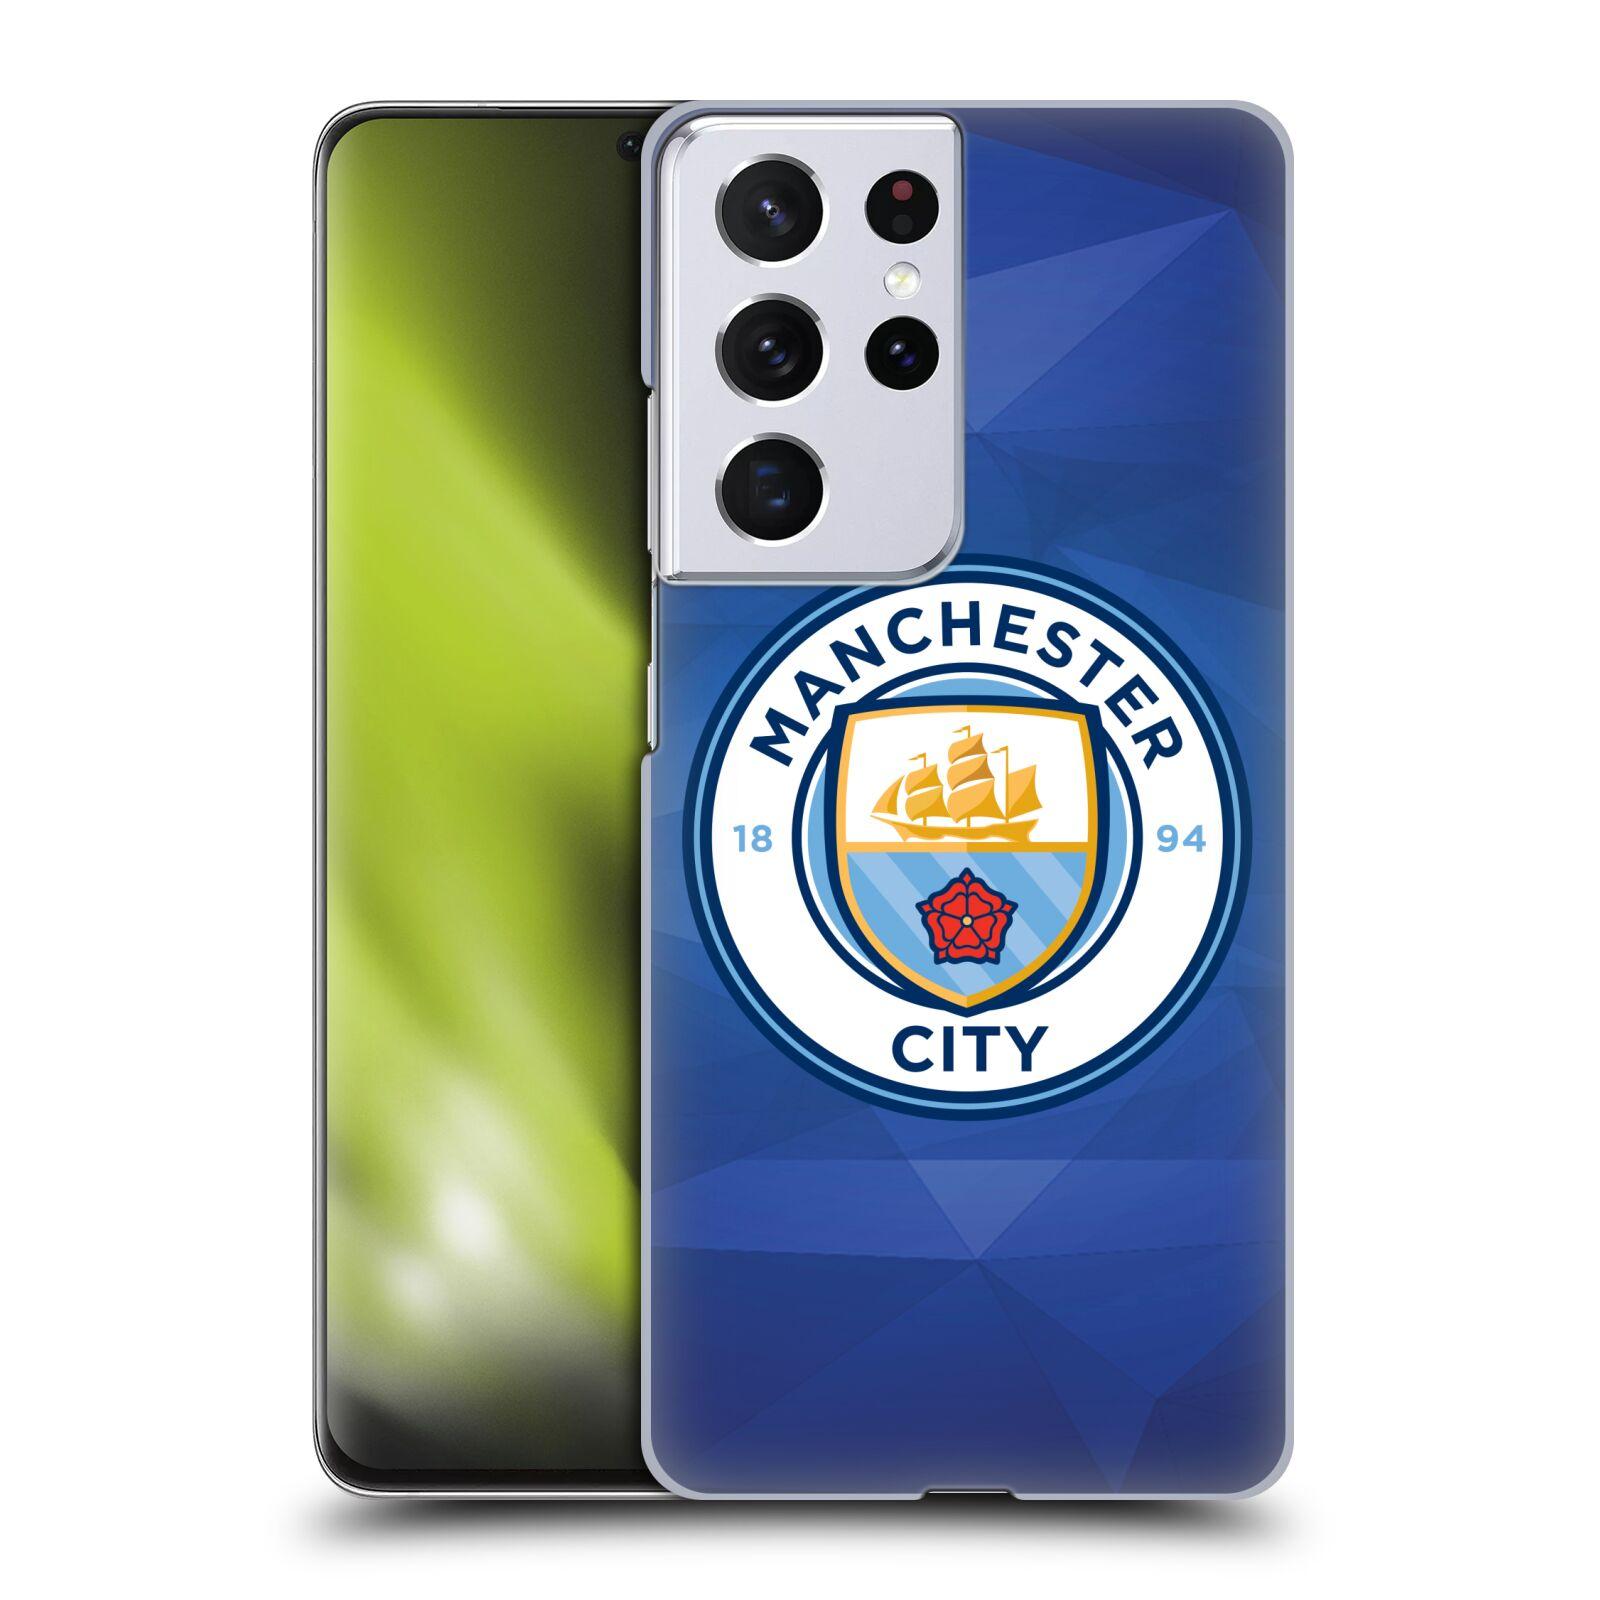 Plastové pouzdro na mobil Samsung Galaxy S21 Ultra 5G - Head Case - Manchester City FC - Modré nové logo